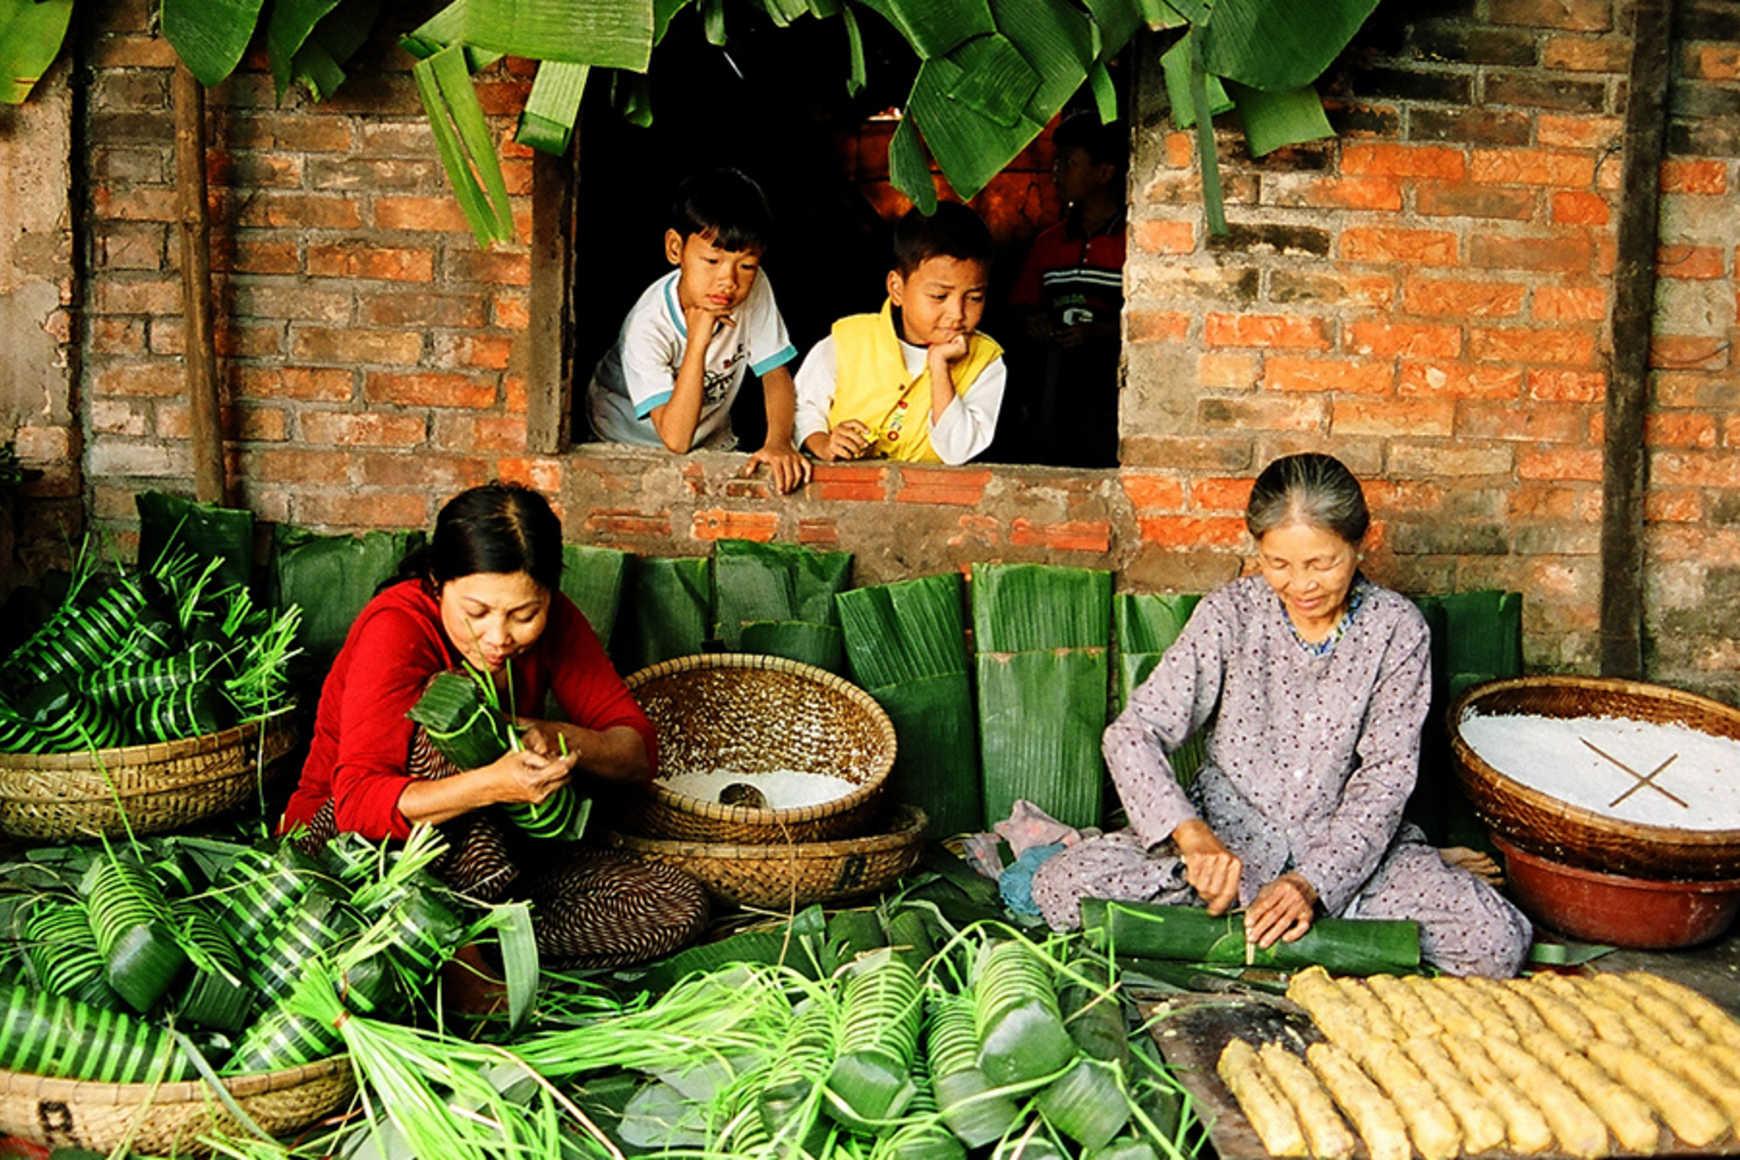 making banh tet chuoi